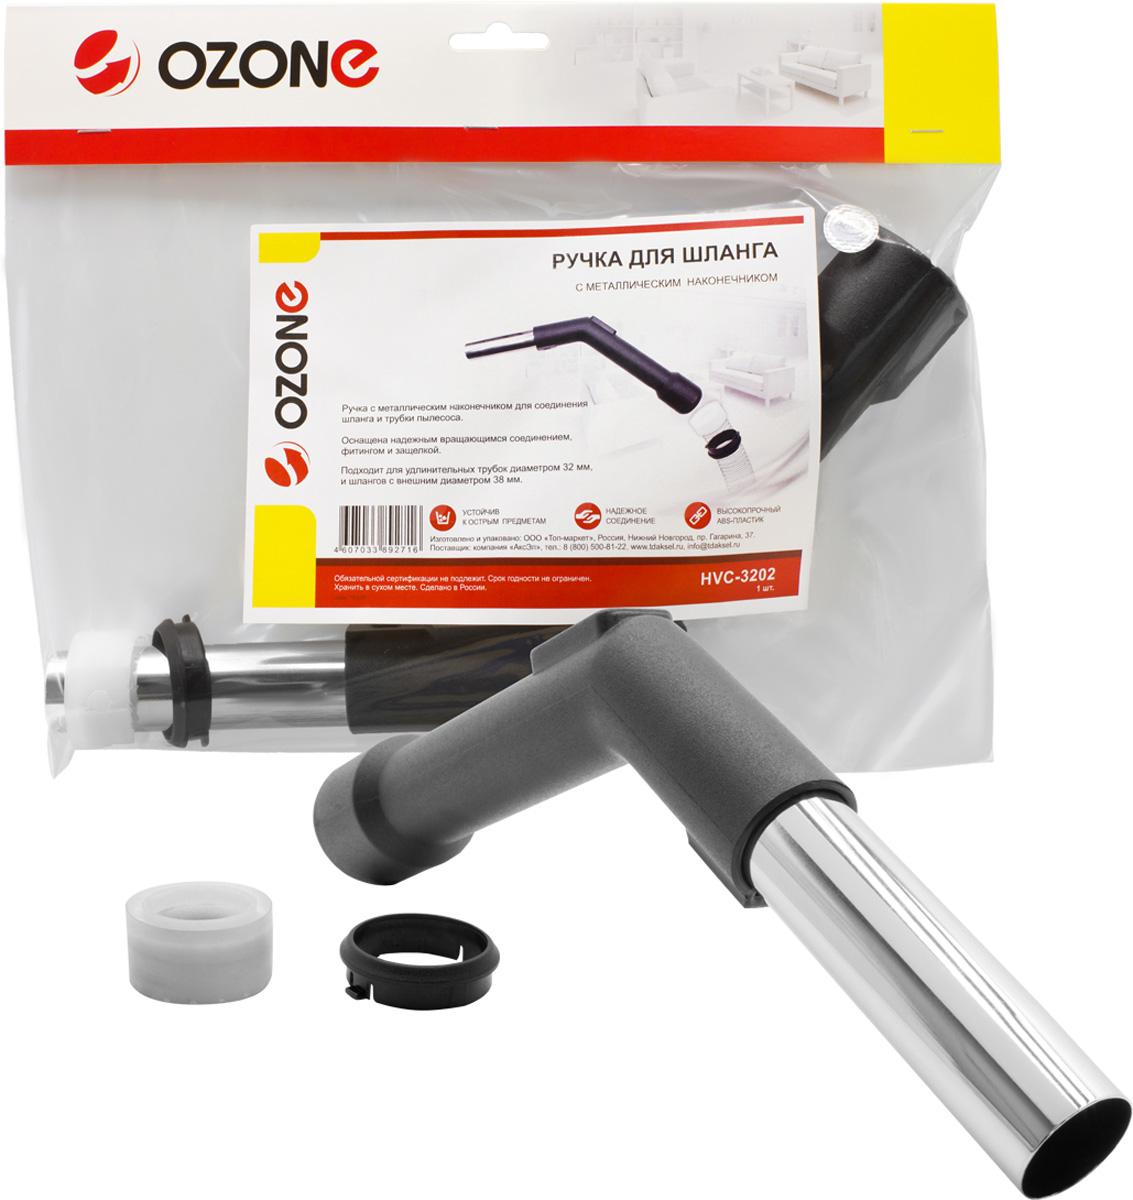 Ozone HVC-3202 ручка для шланга пылесоса с металлическим наконечником